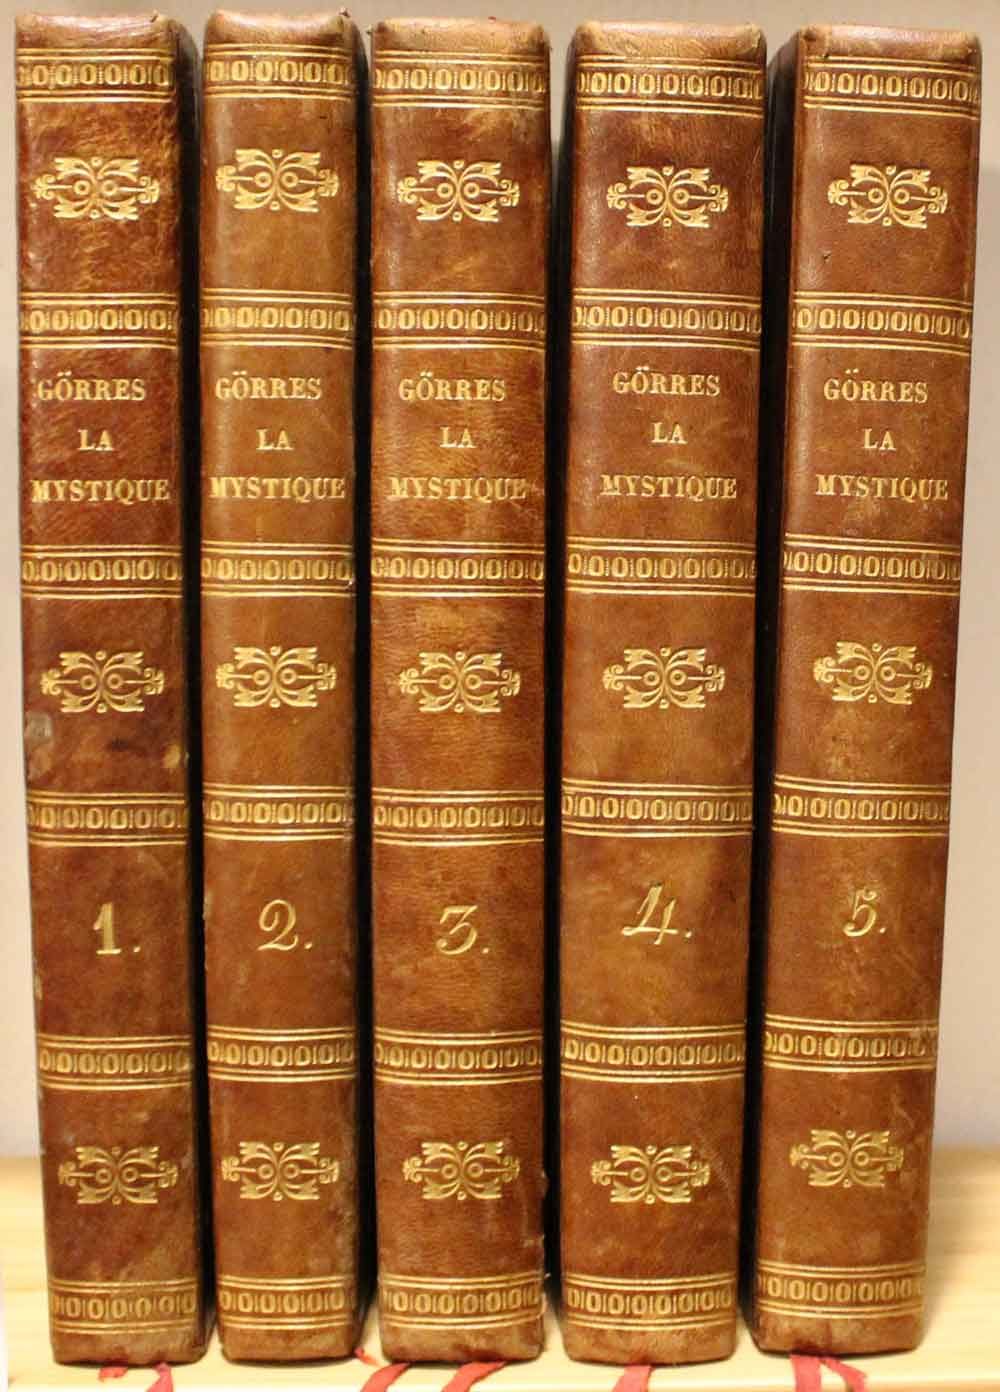 La Mystique divine, naturelle et diabolique ouvrage: Gorres Johann Joseph